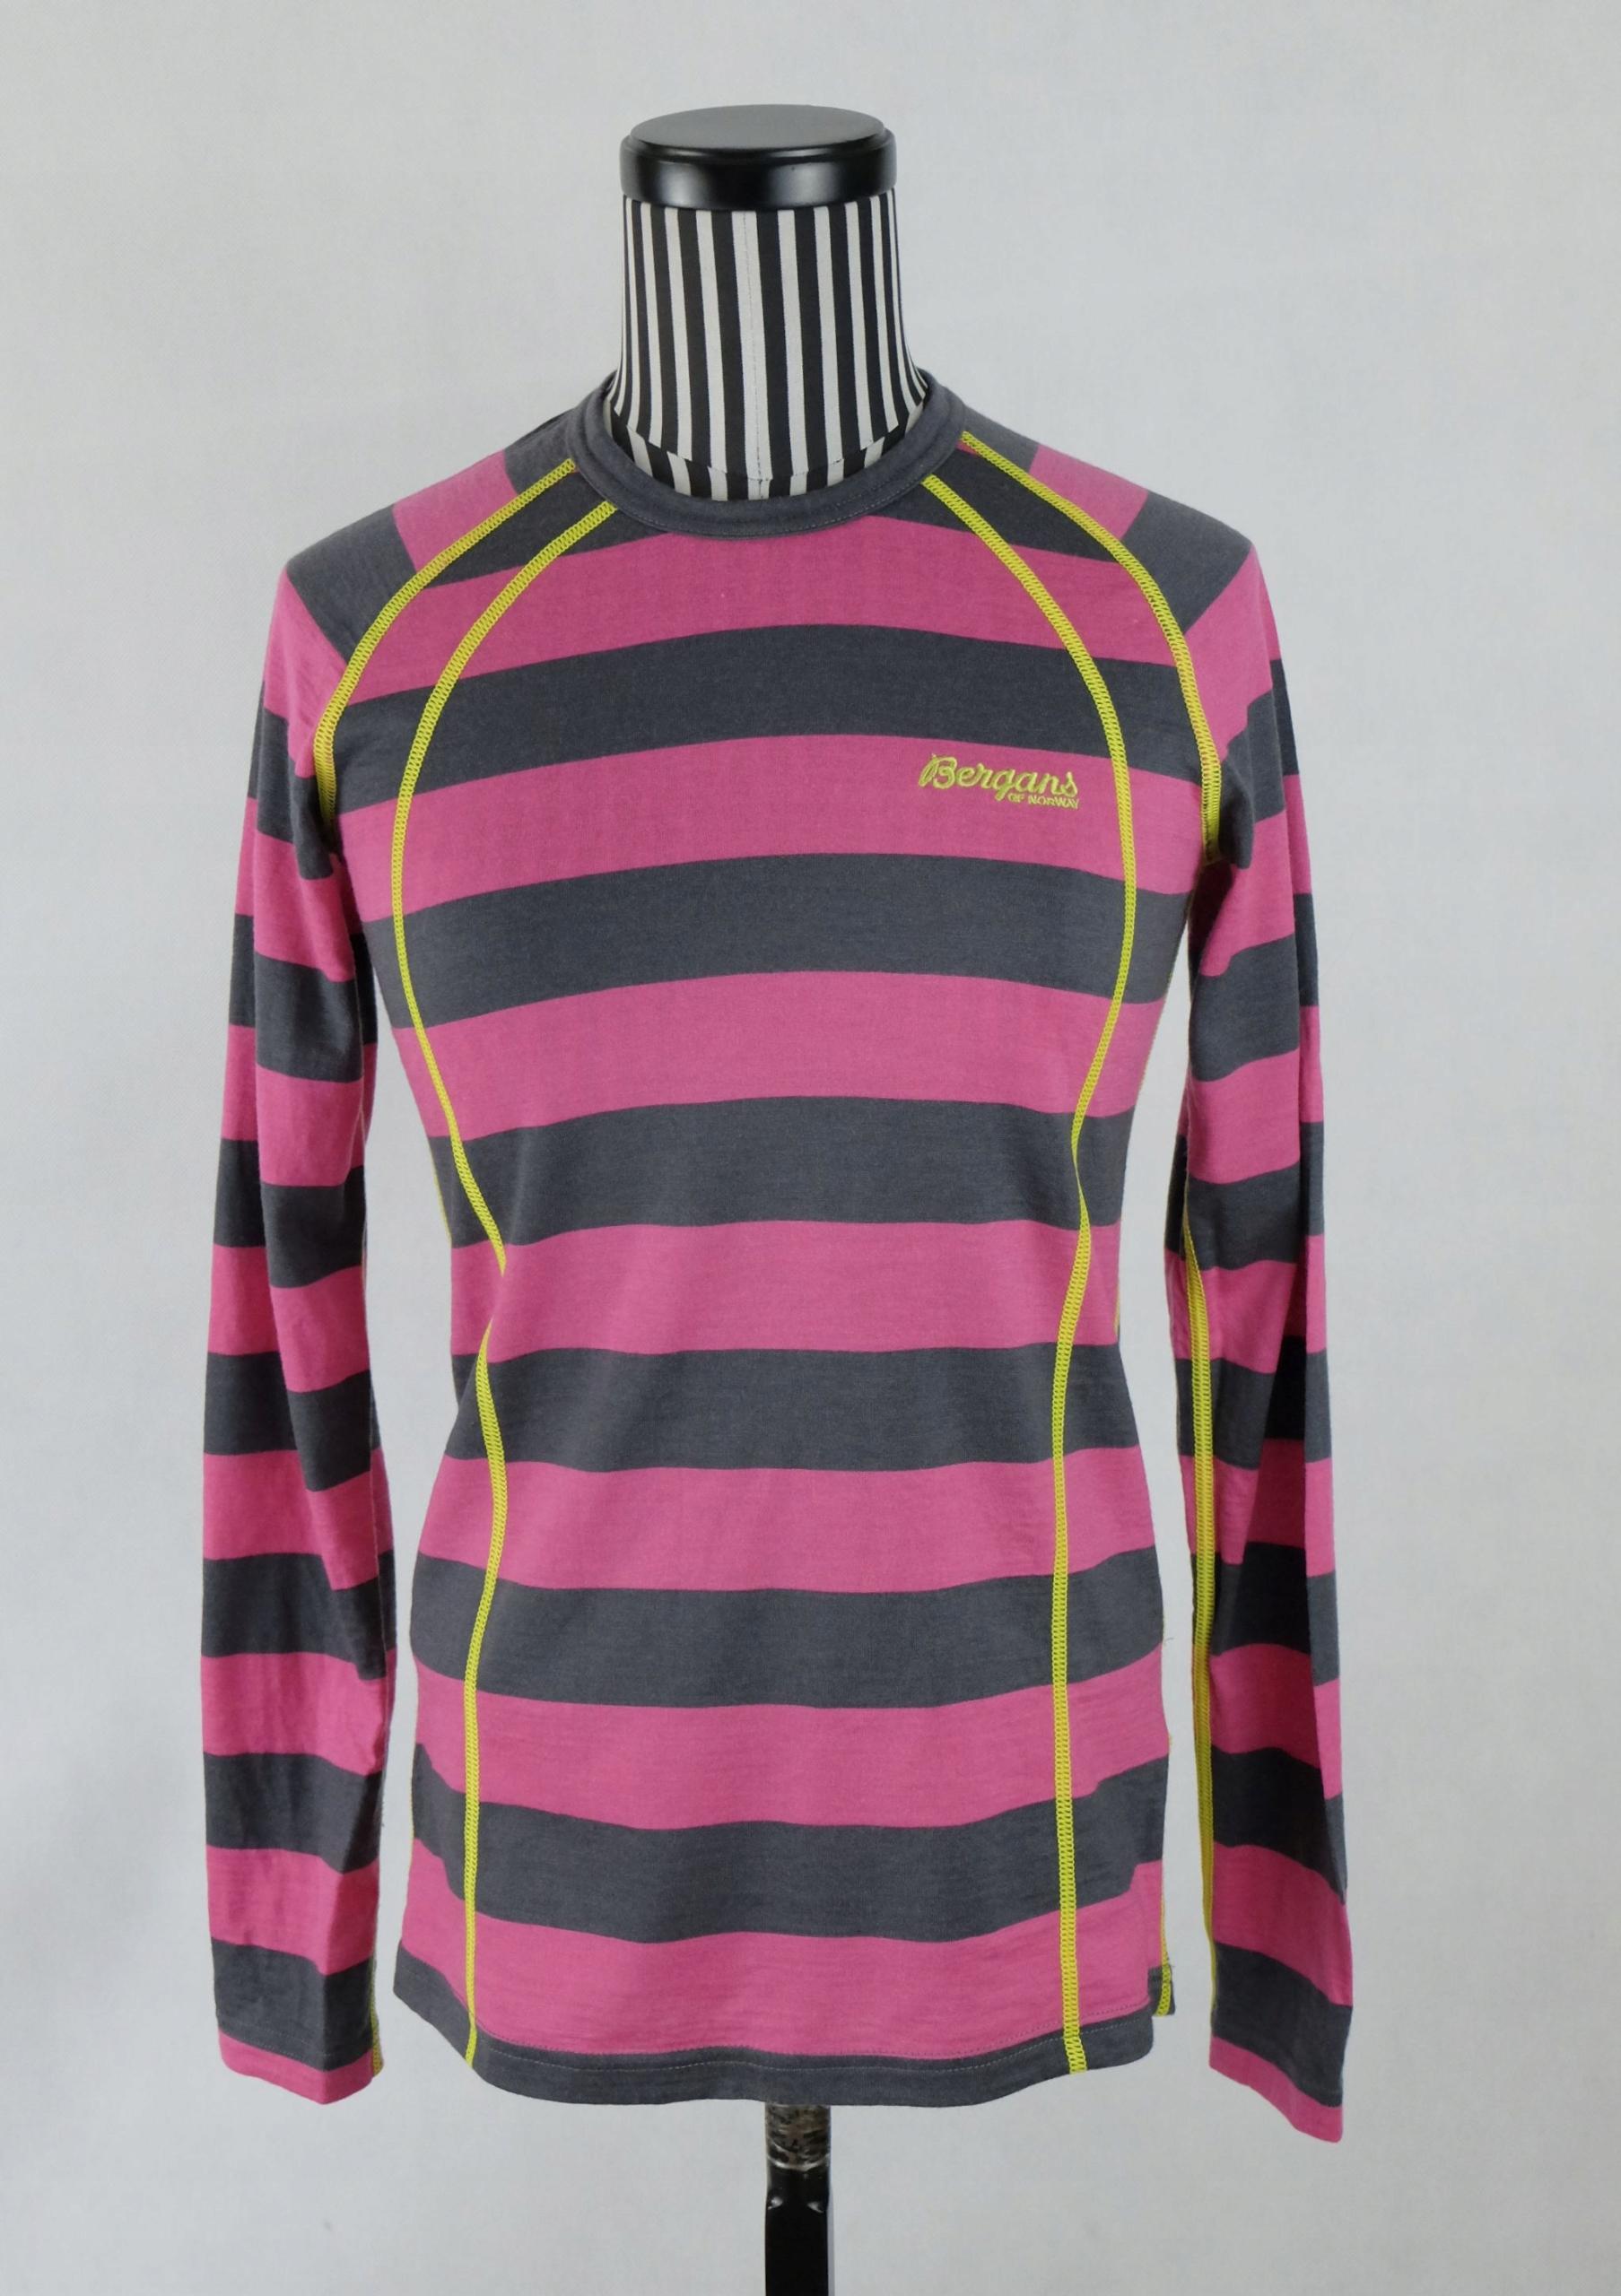 BERGANS FJELLRAPP bluzka 100% merino wool nowa XS